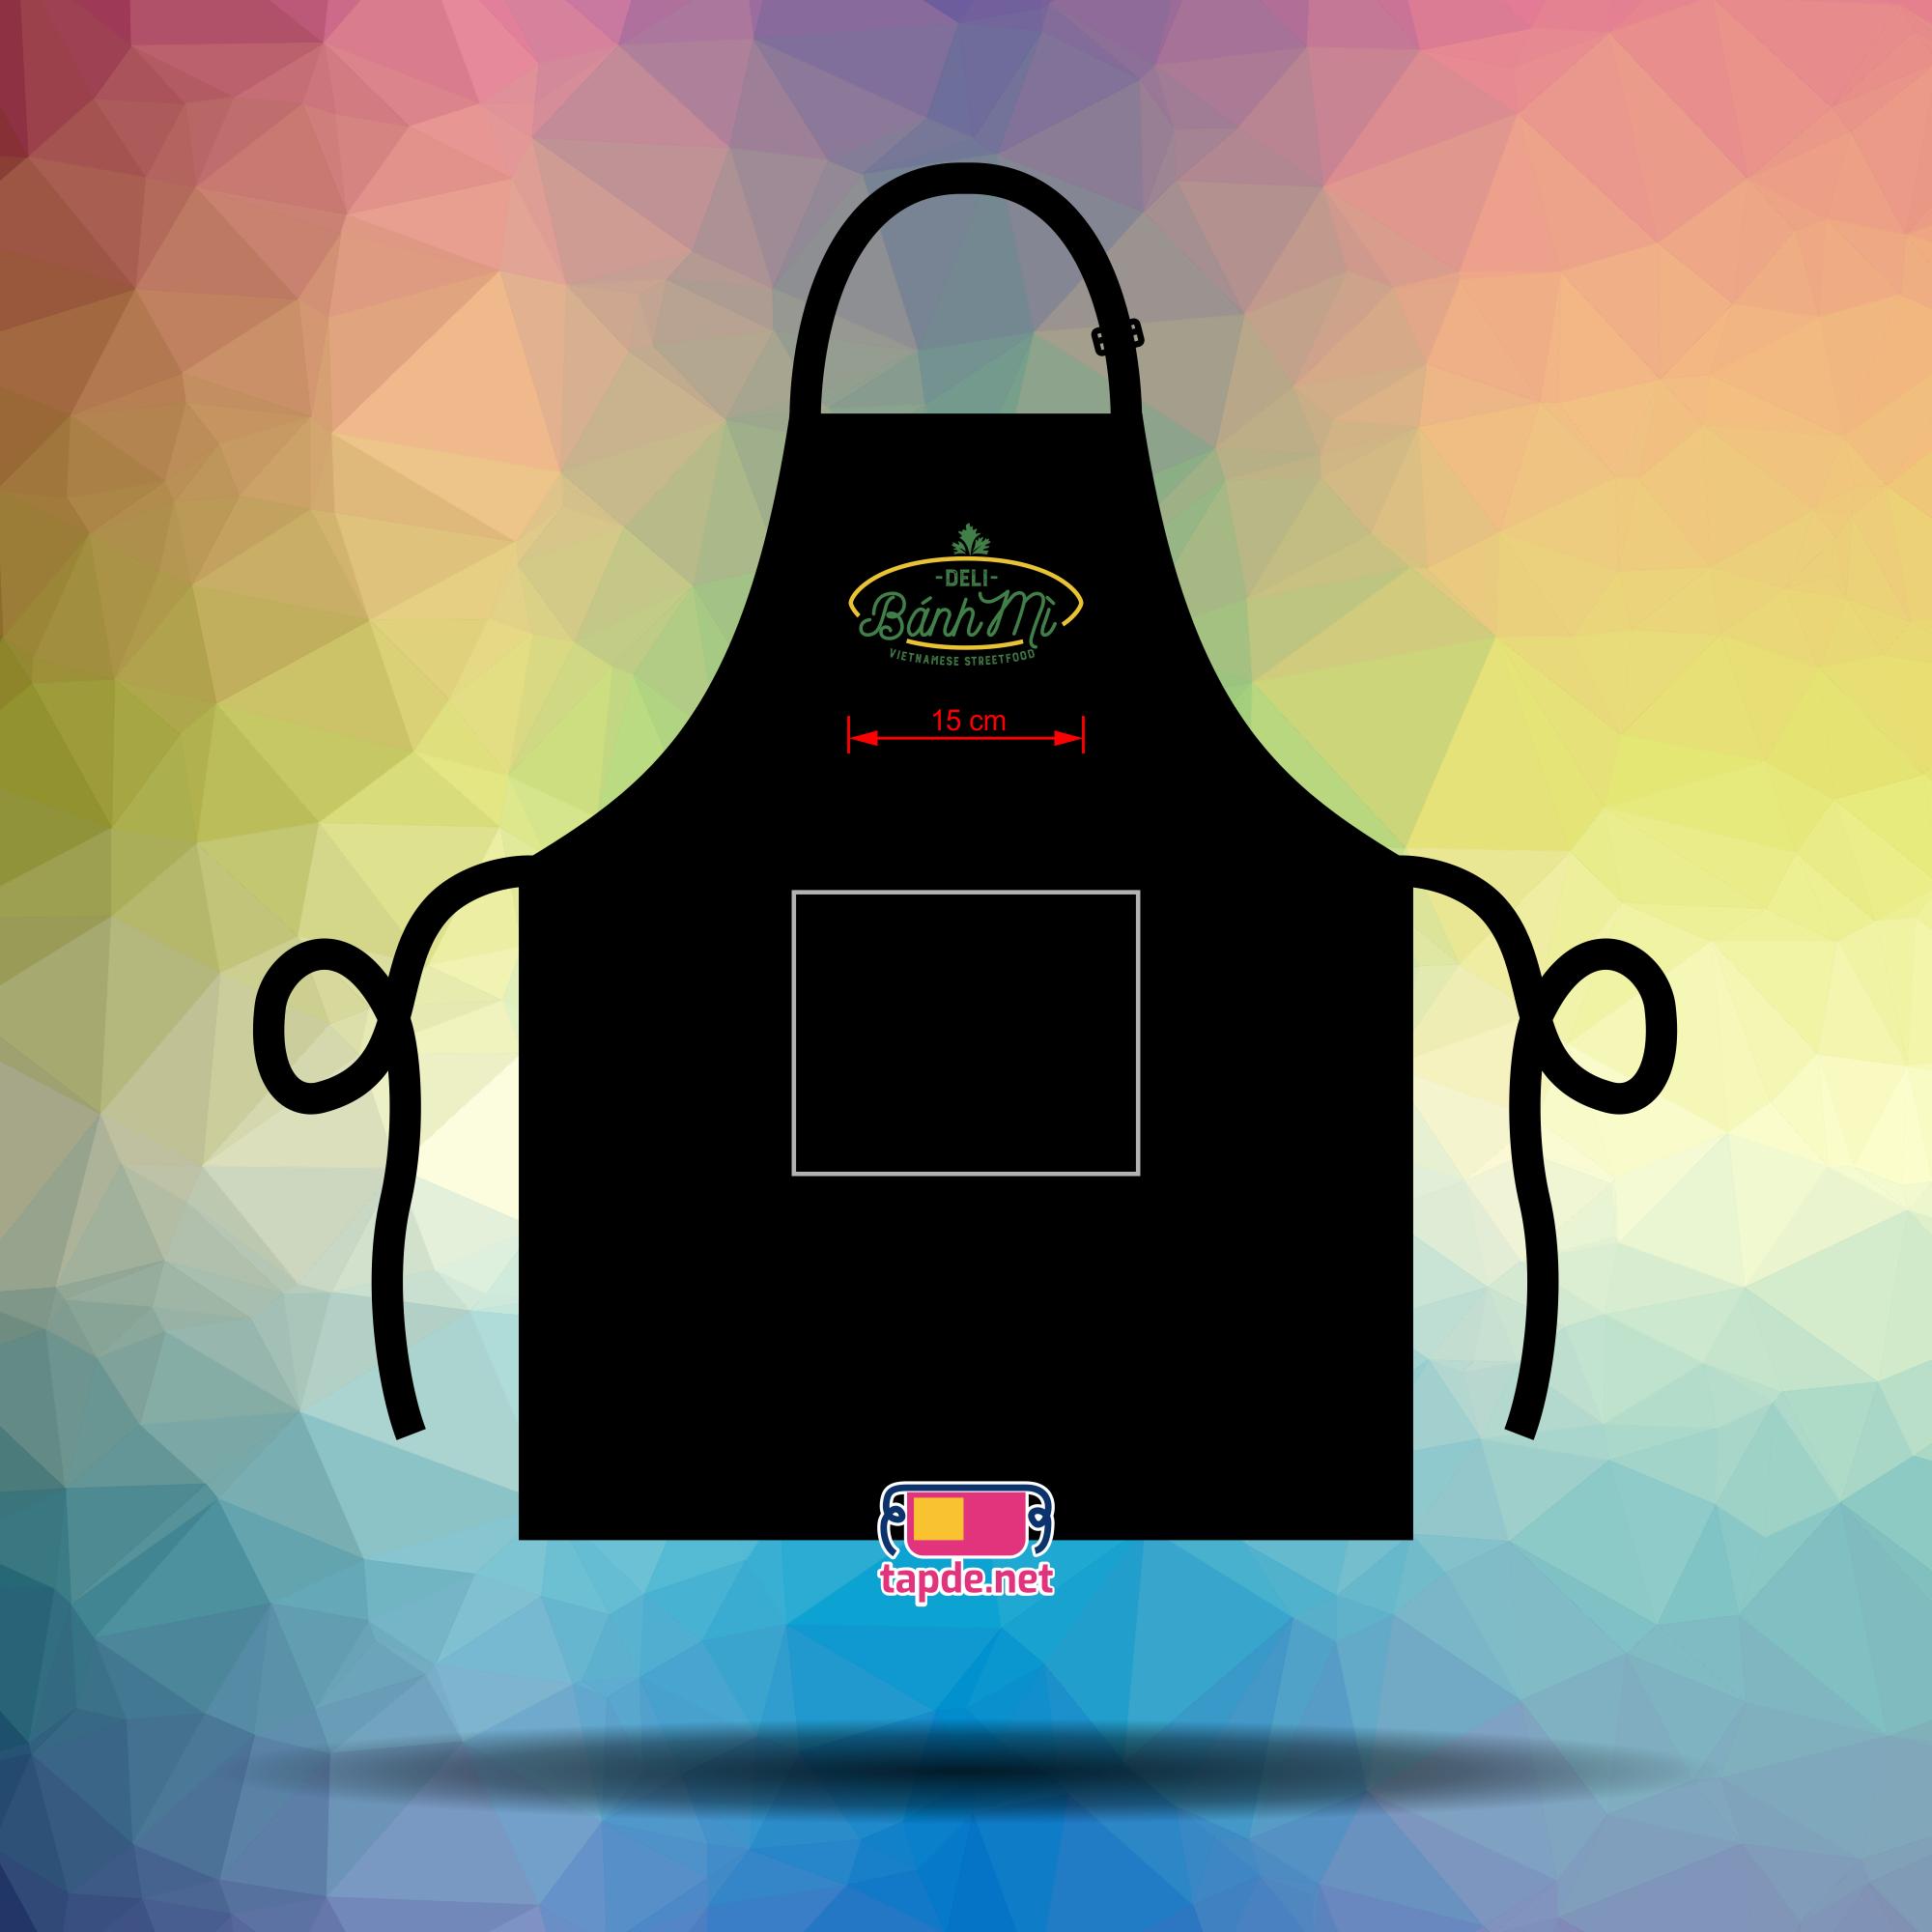 May tạp dề đồng phục giá tốt cho cửa tiệm Bánh Mì Deli